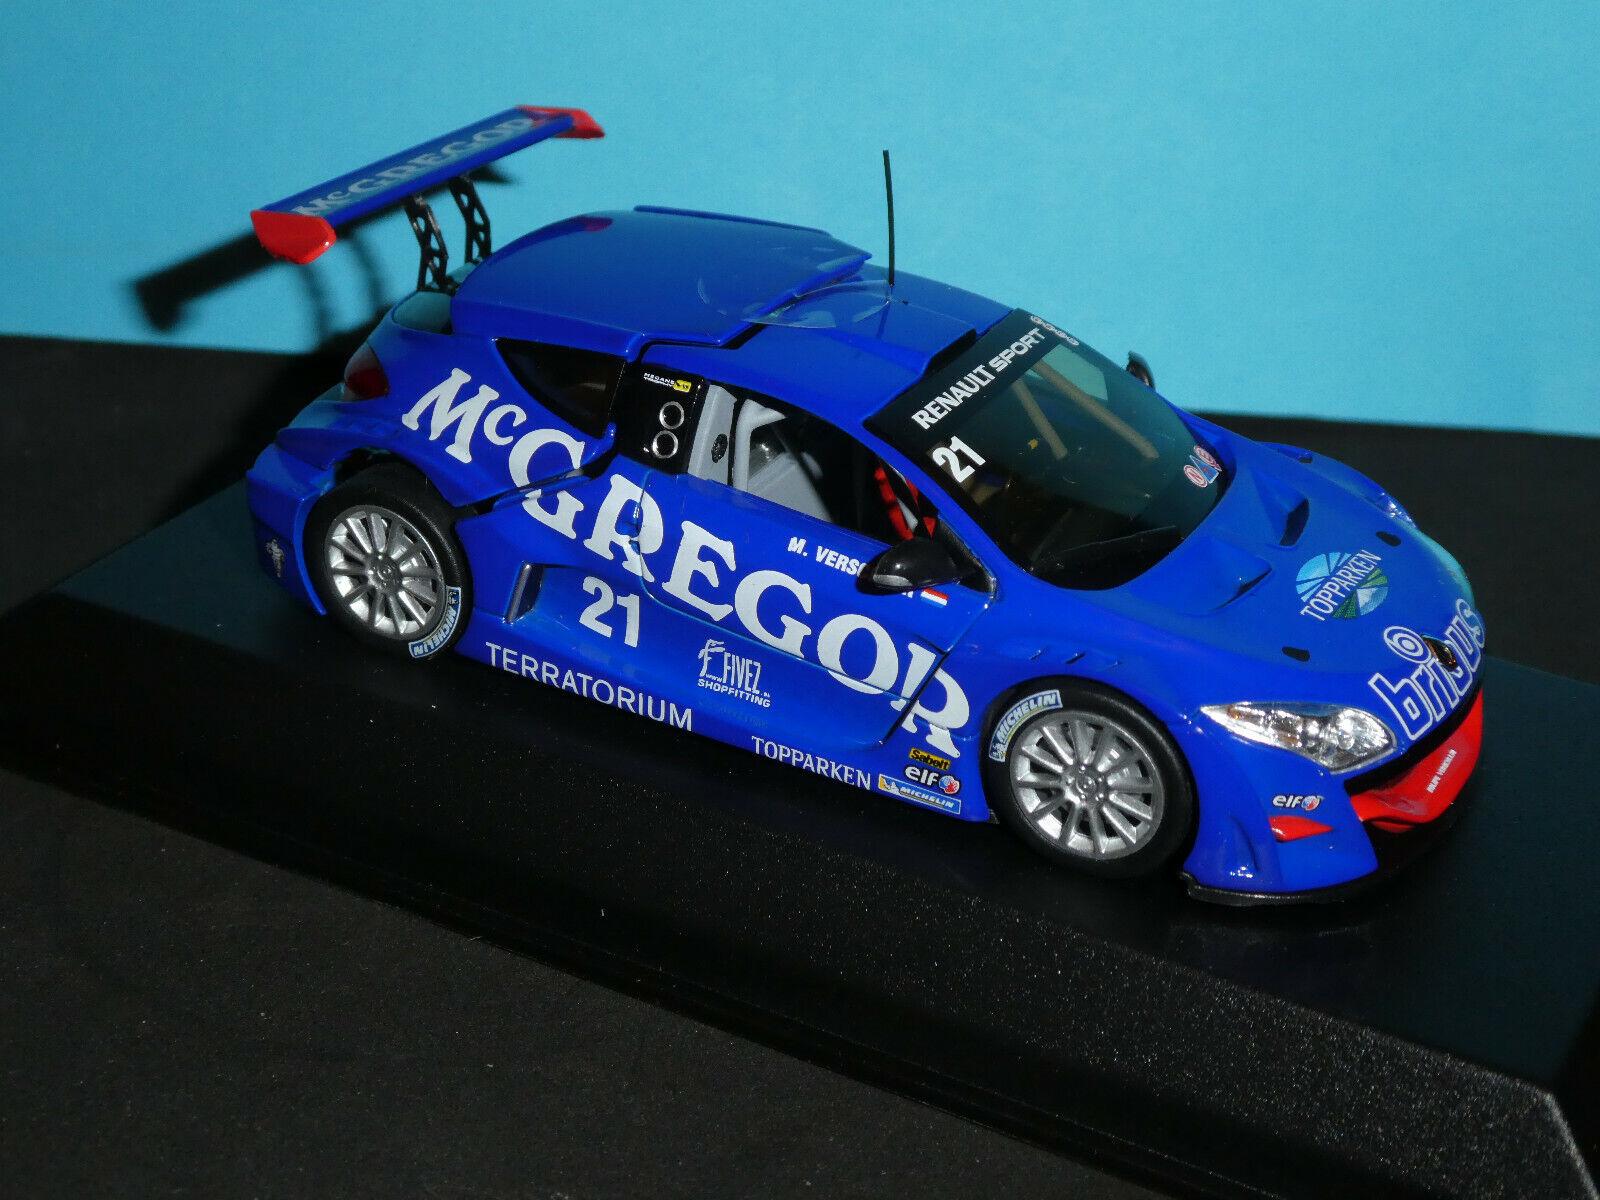 Renault Megane Trophy Winner World Series in 2009  1 43RD Scale Norev  Model